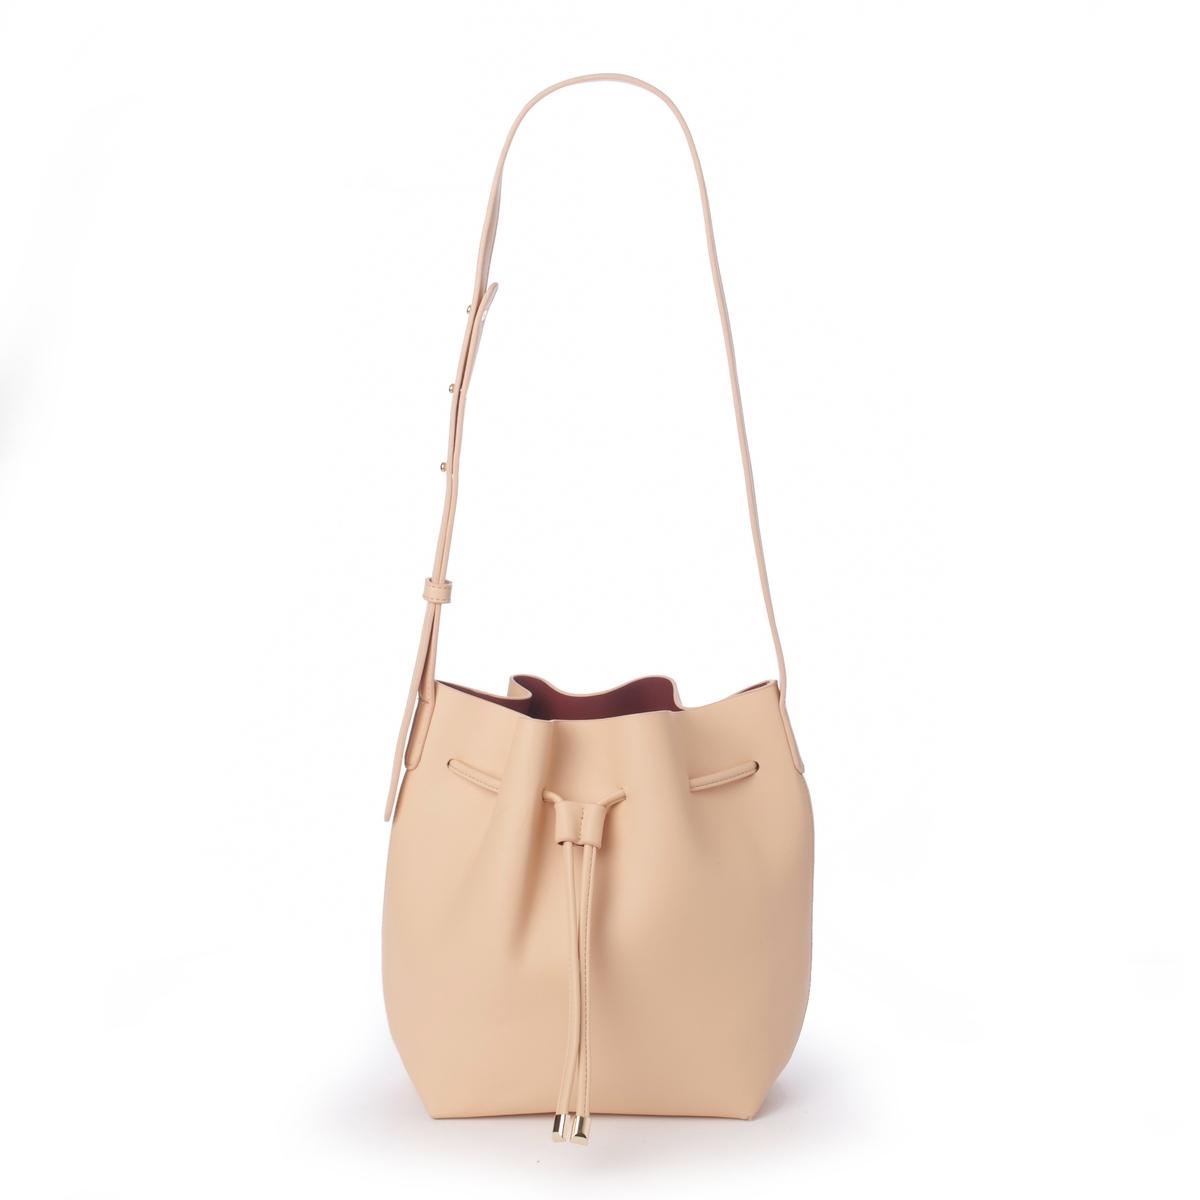 Сумка-мешок sammons sammons мужской заголовок слой кожи плеча мешок человек сумка досуг сумка 190263 01 черный